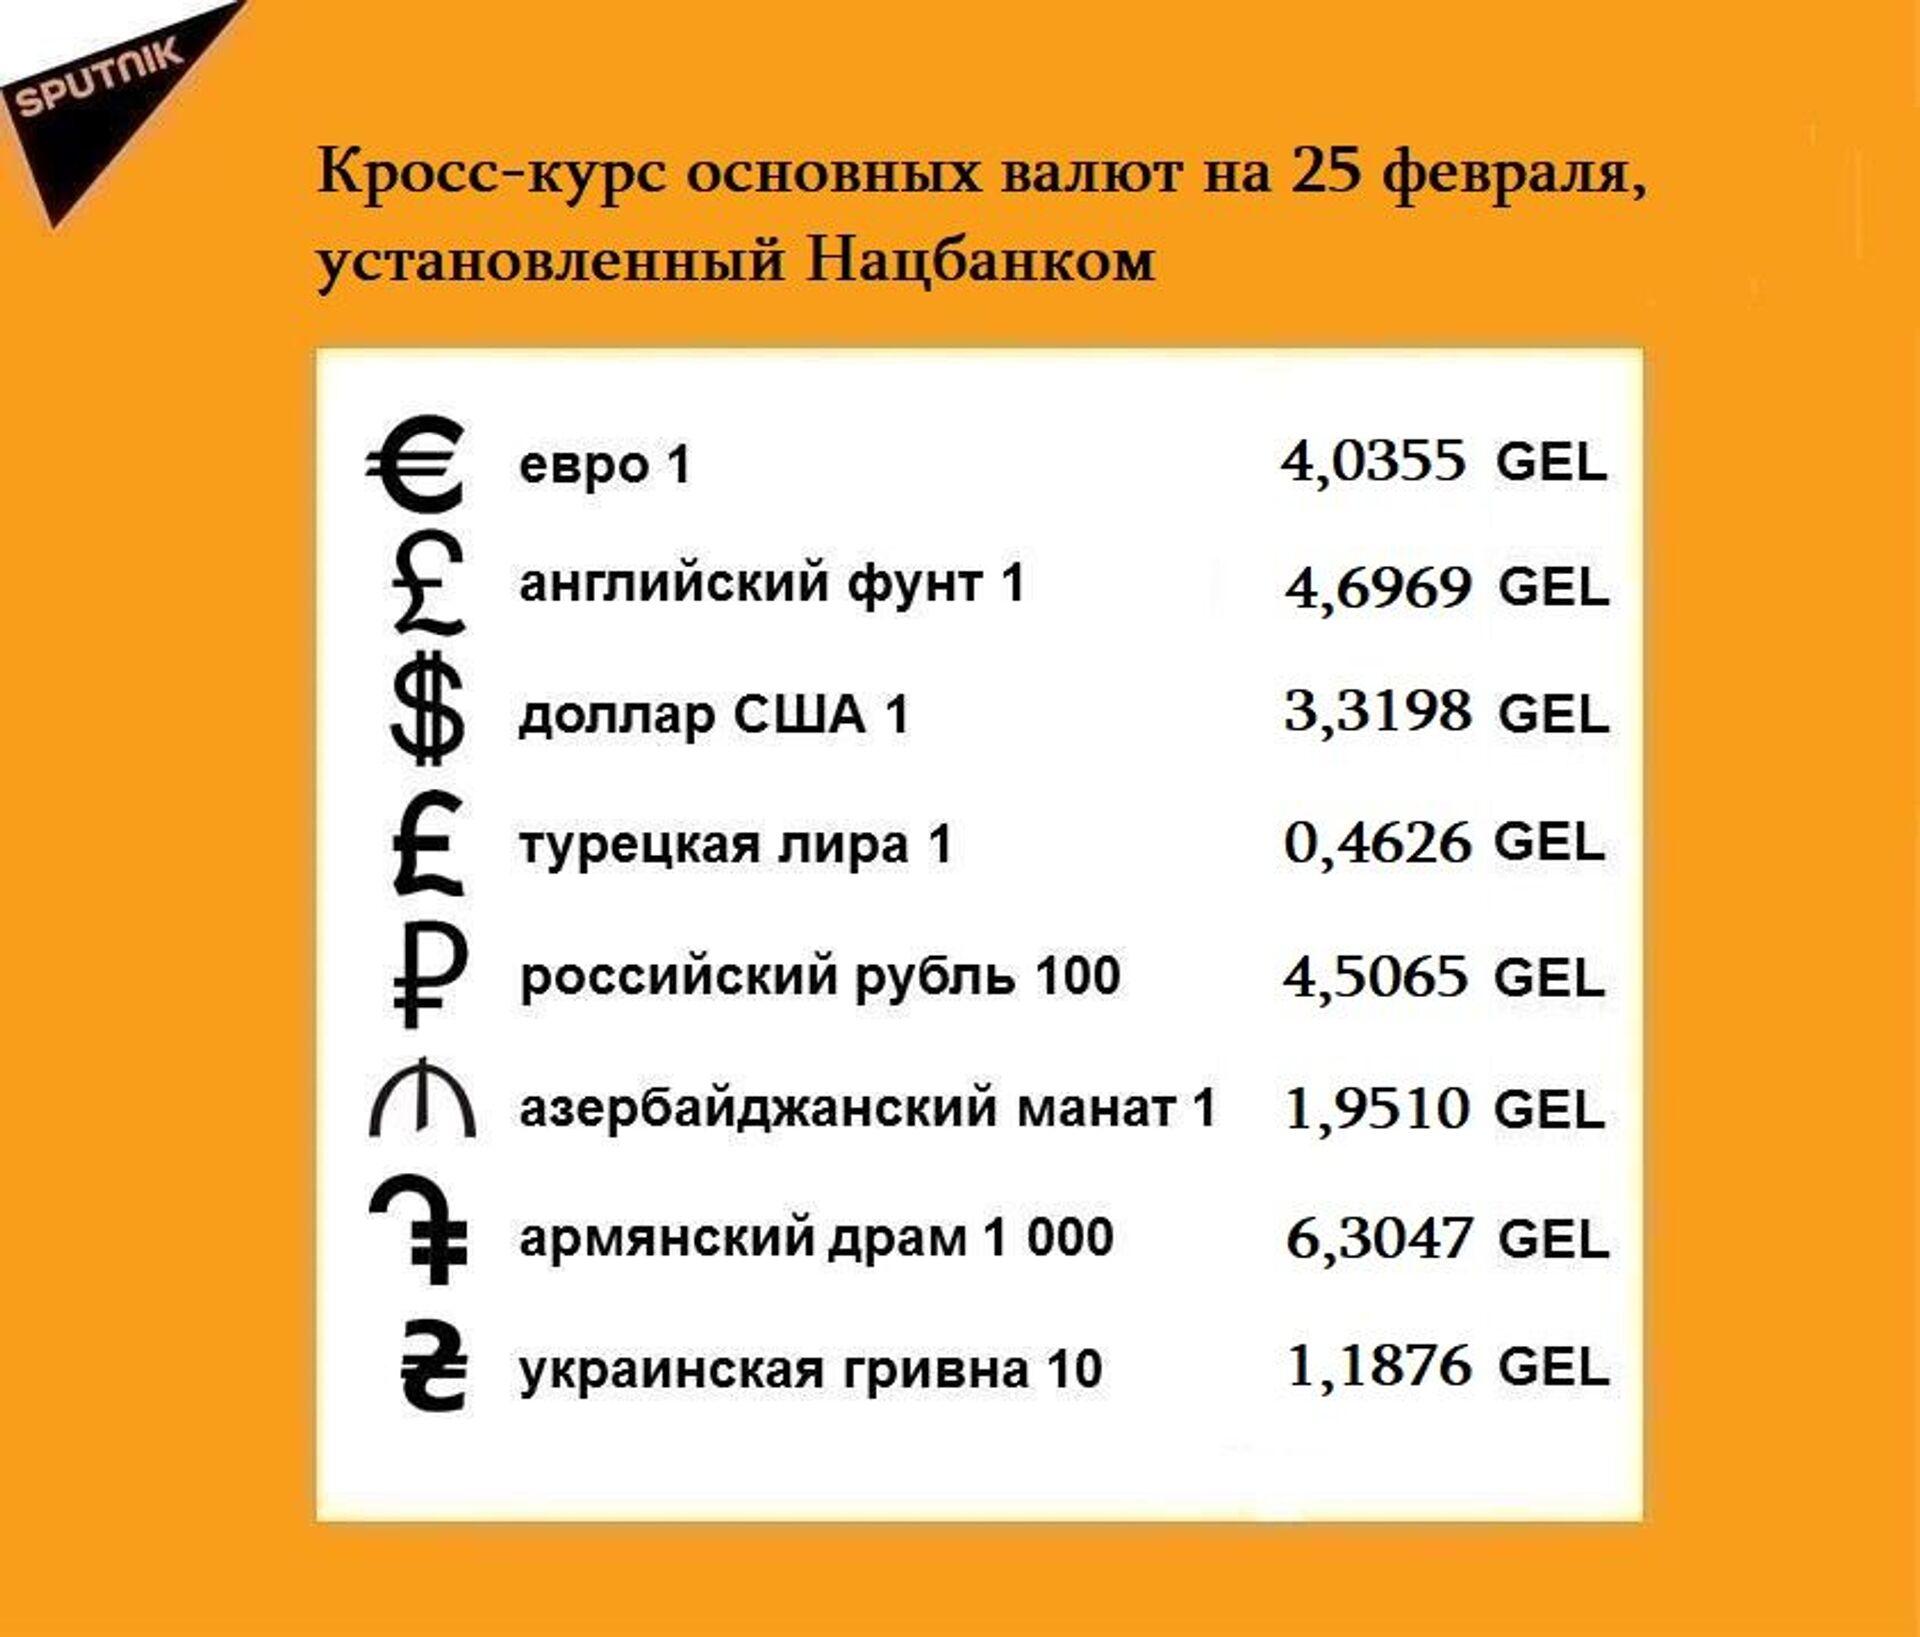 Курс лари на четверг – 3,3198 GEL/$1 - Sputnik Грузия, 1920, 25.02.2021